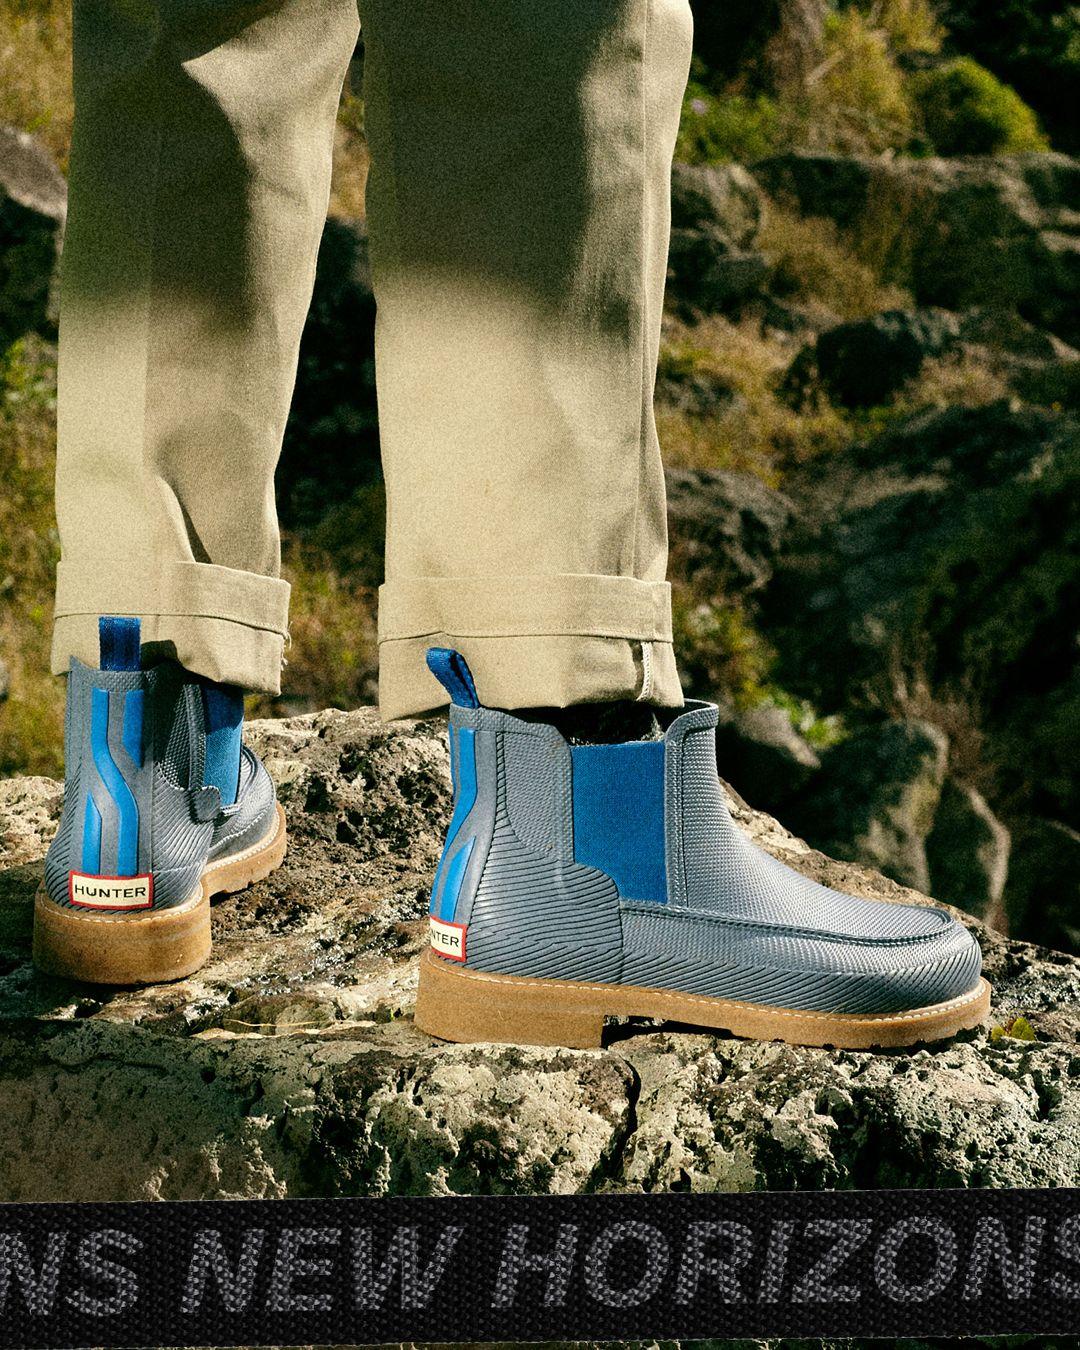 8da5b64109e Hunter Men's Original Seaton Moc Toe Chelsea Boots in 2019 | The ...